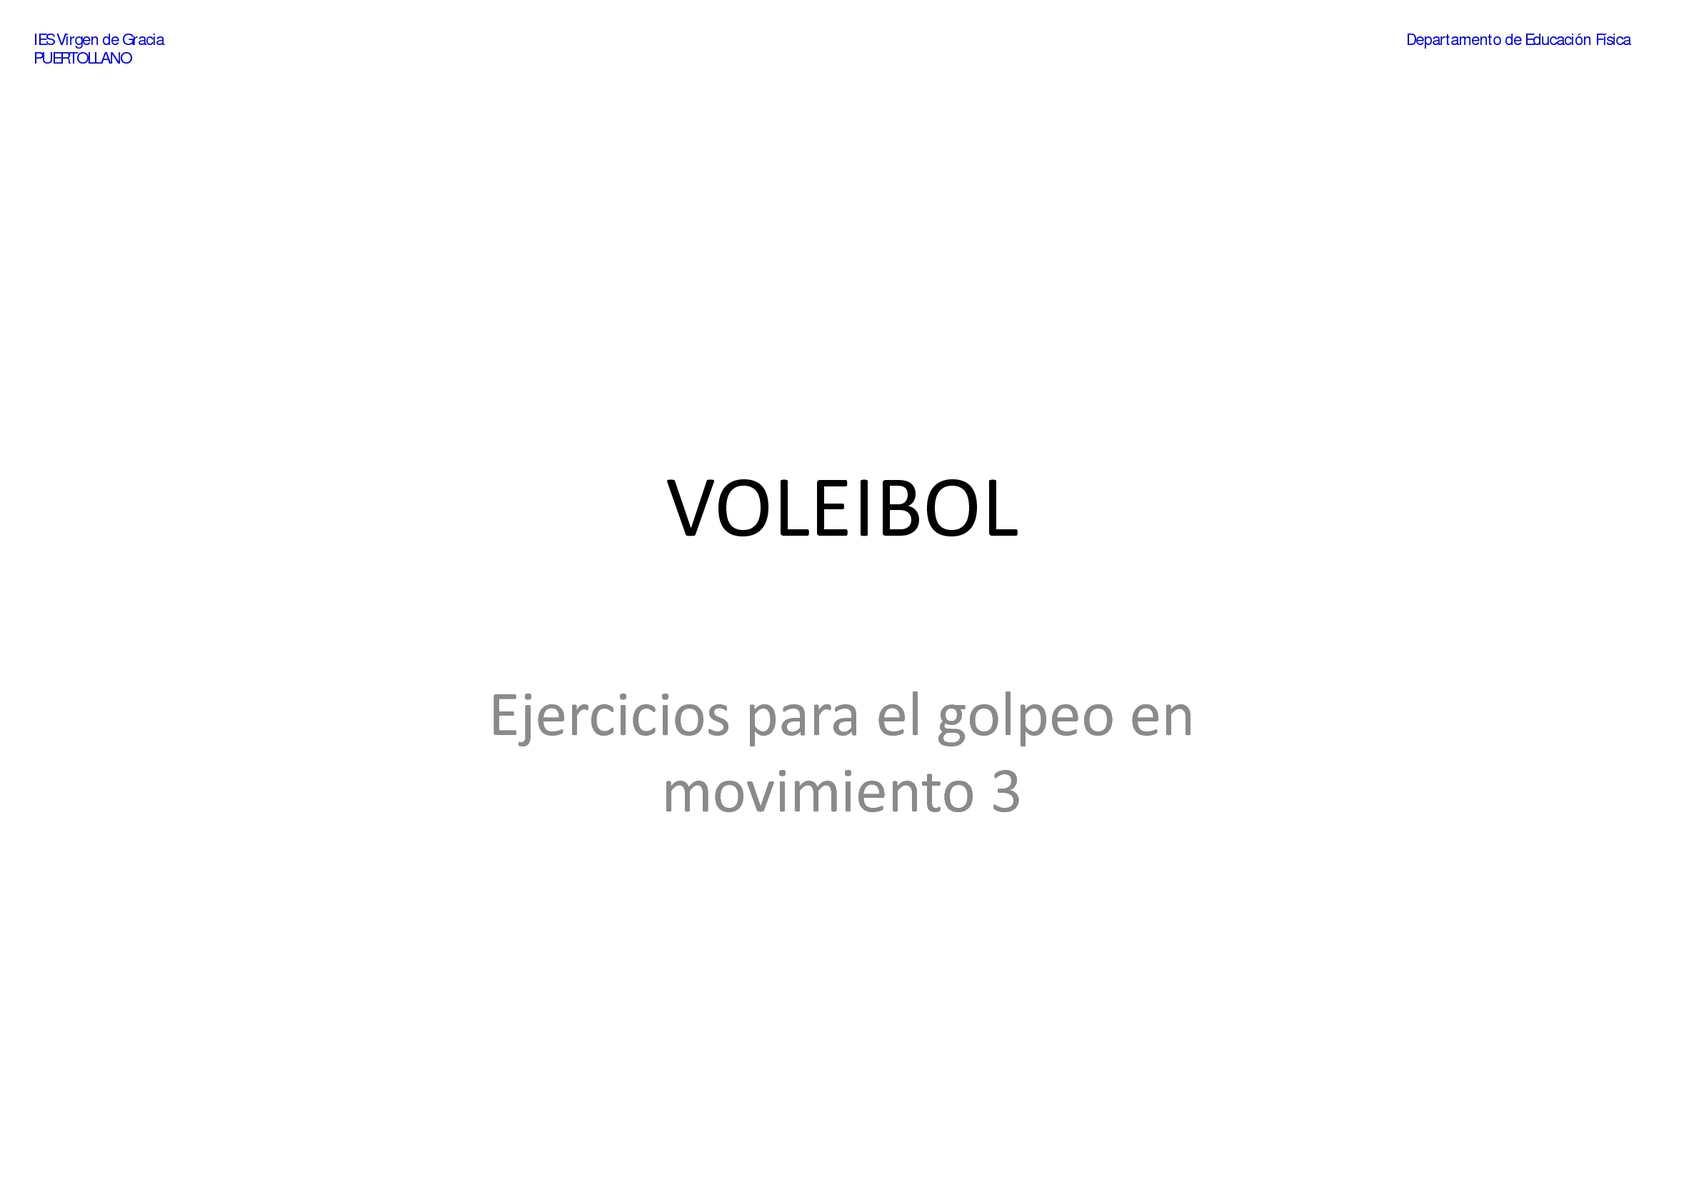 VOLEIBOL - Pase de dedos - Ejercicios para el golpeo en movimiento 3